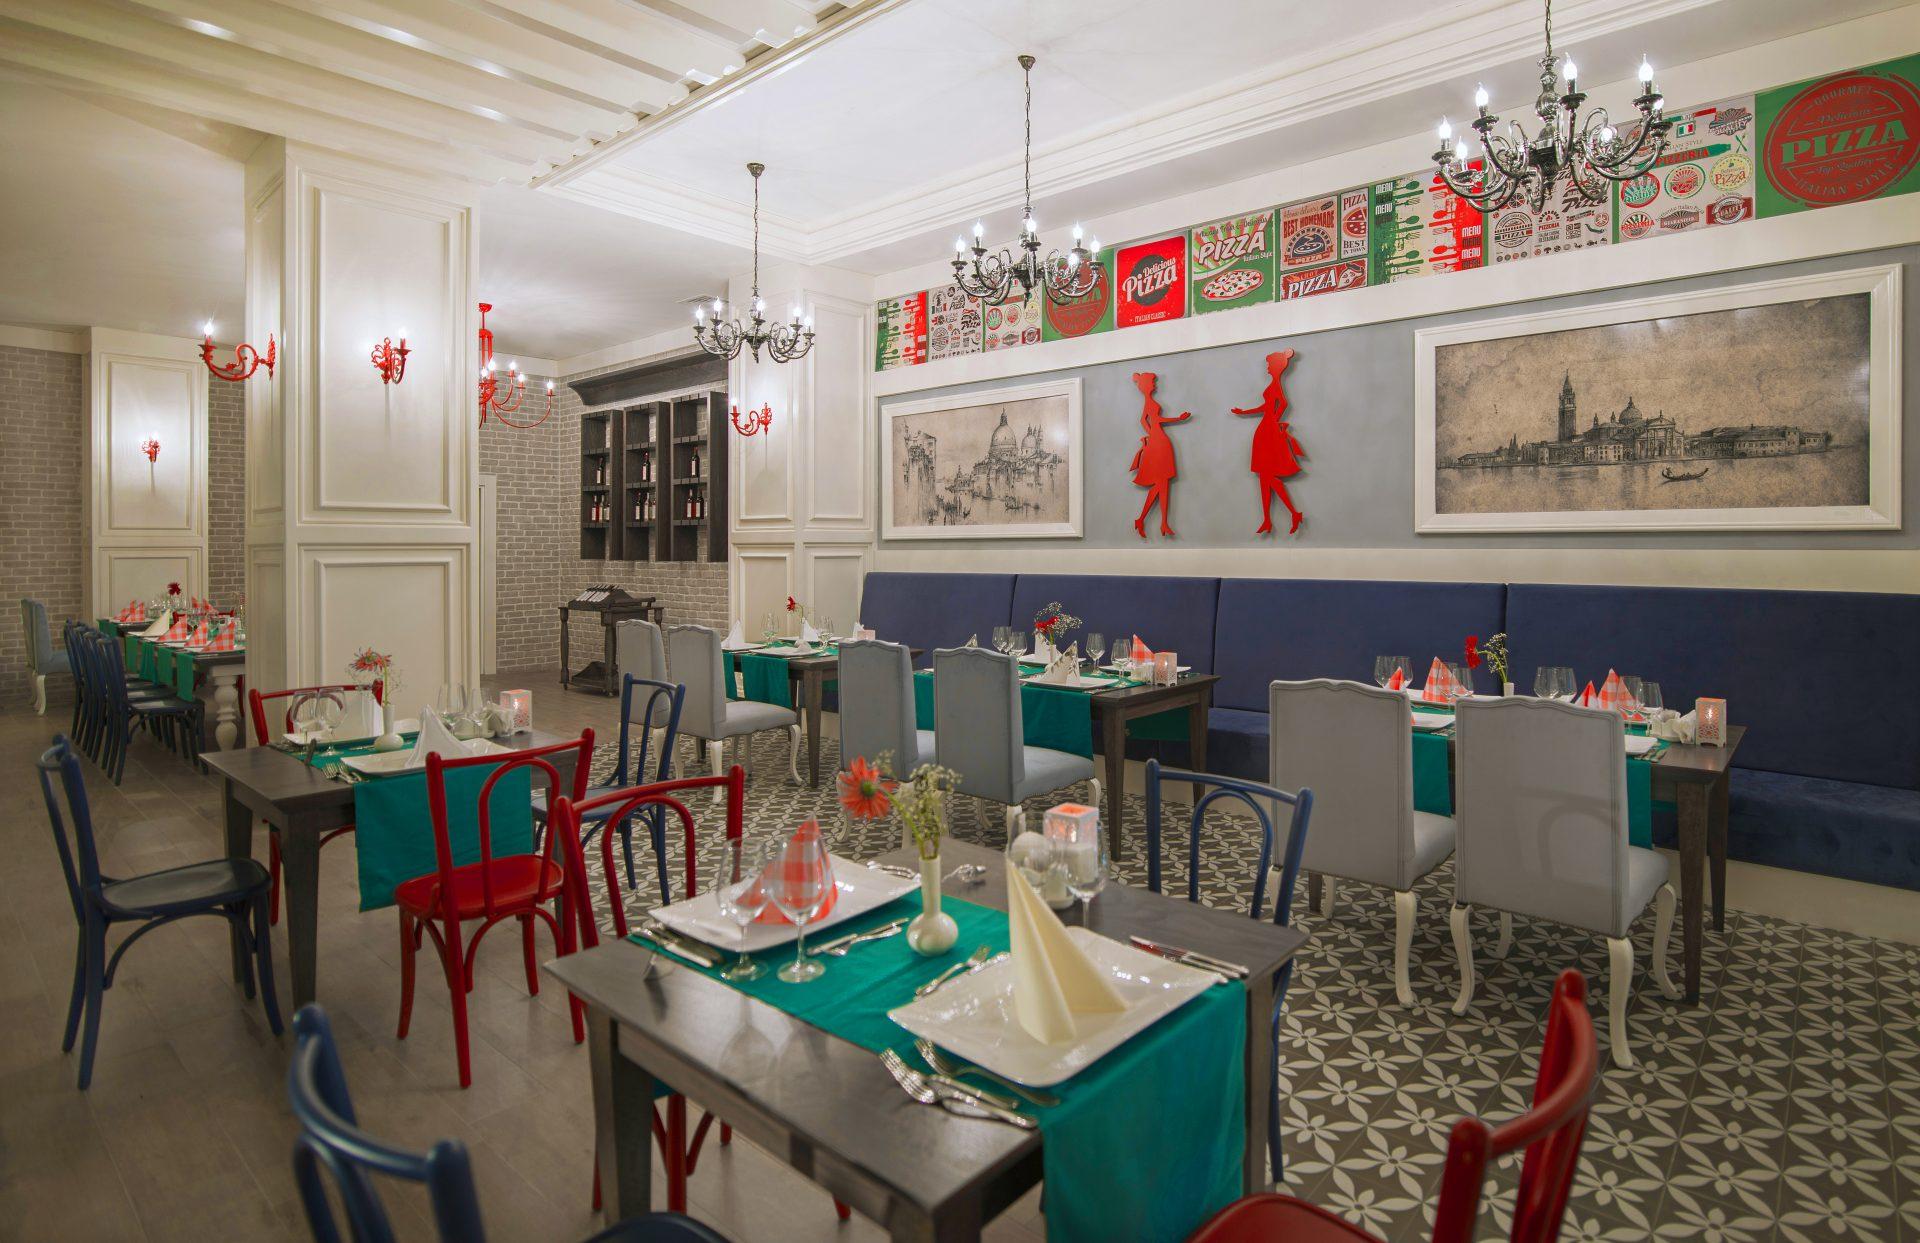 ItalianAlacarteRestaurant